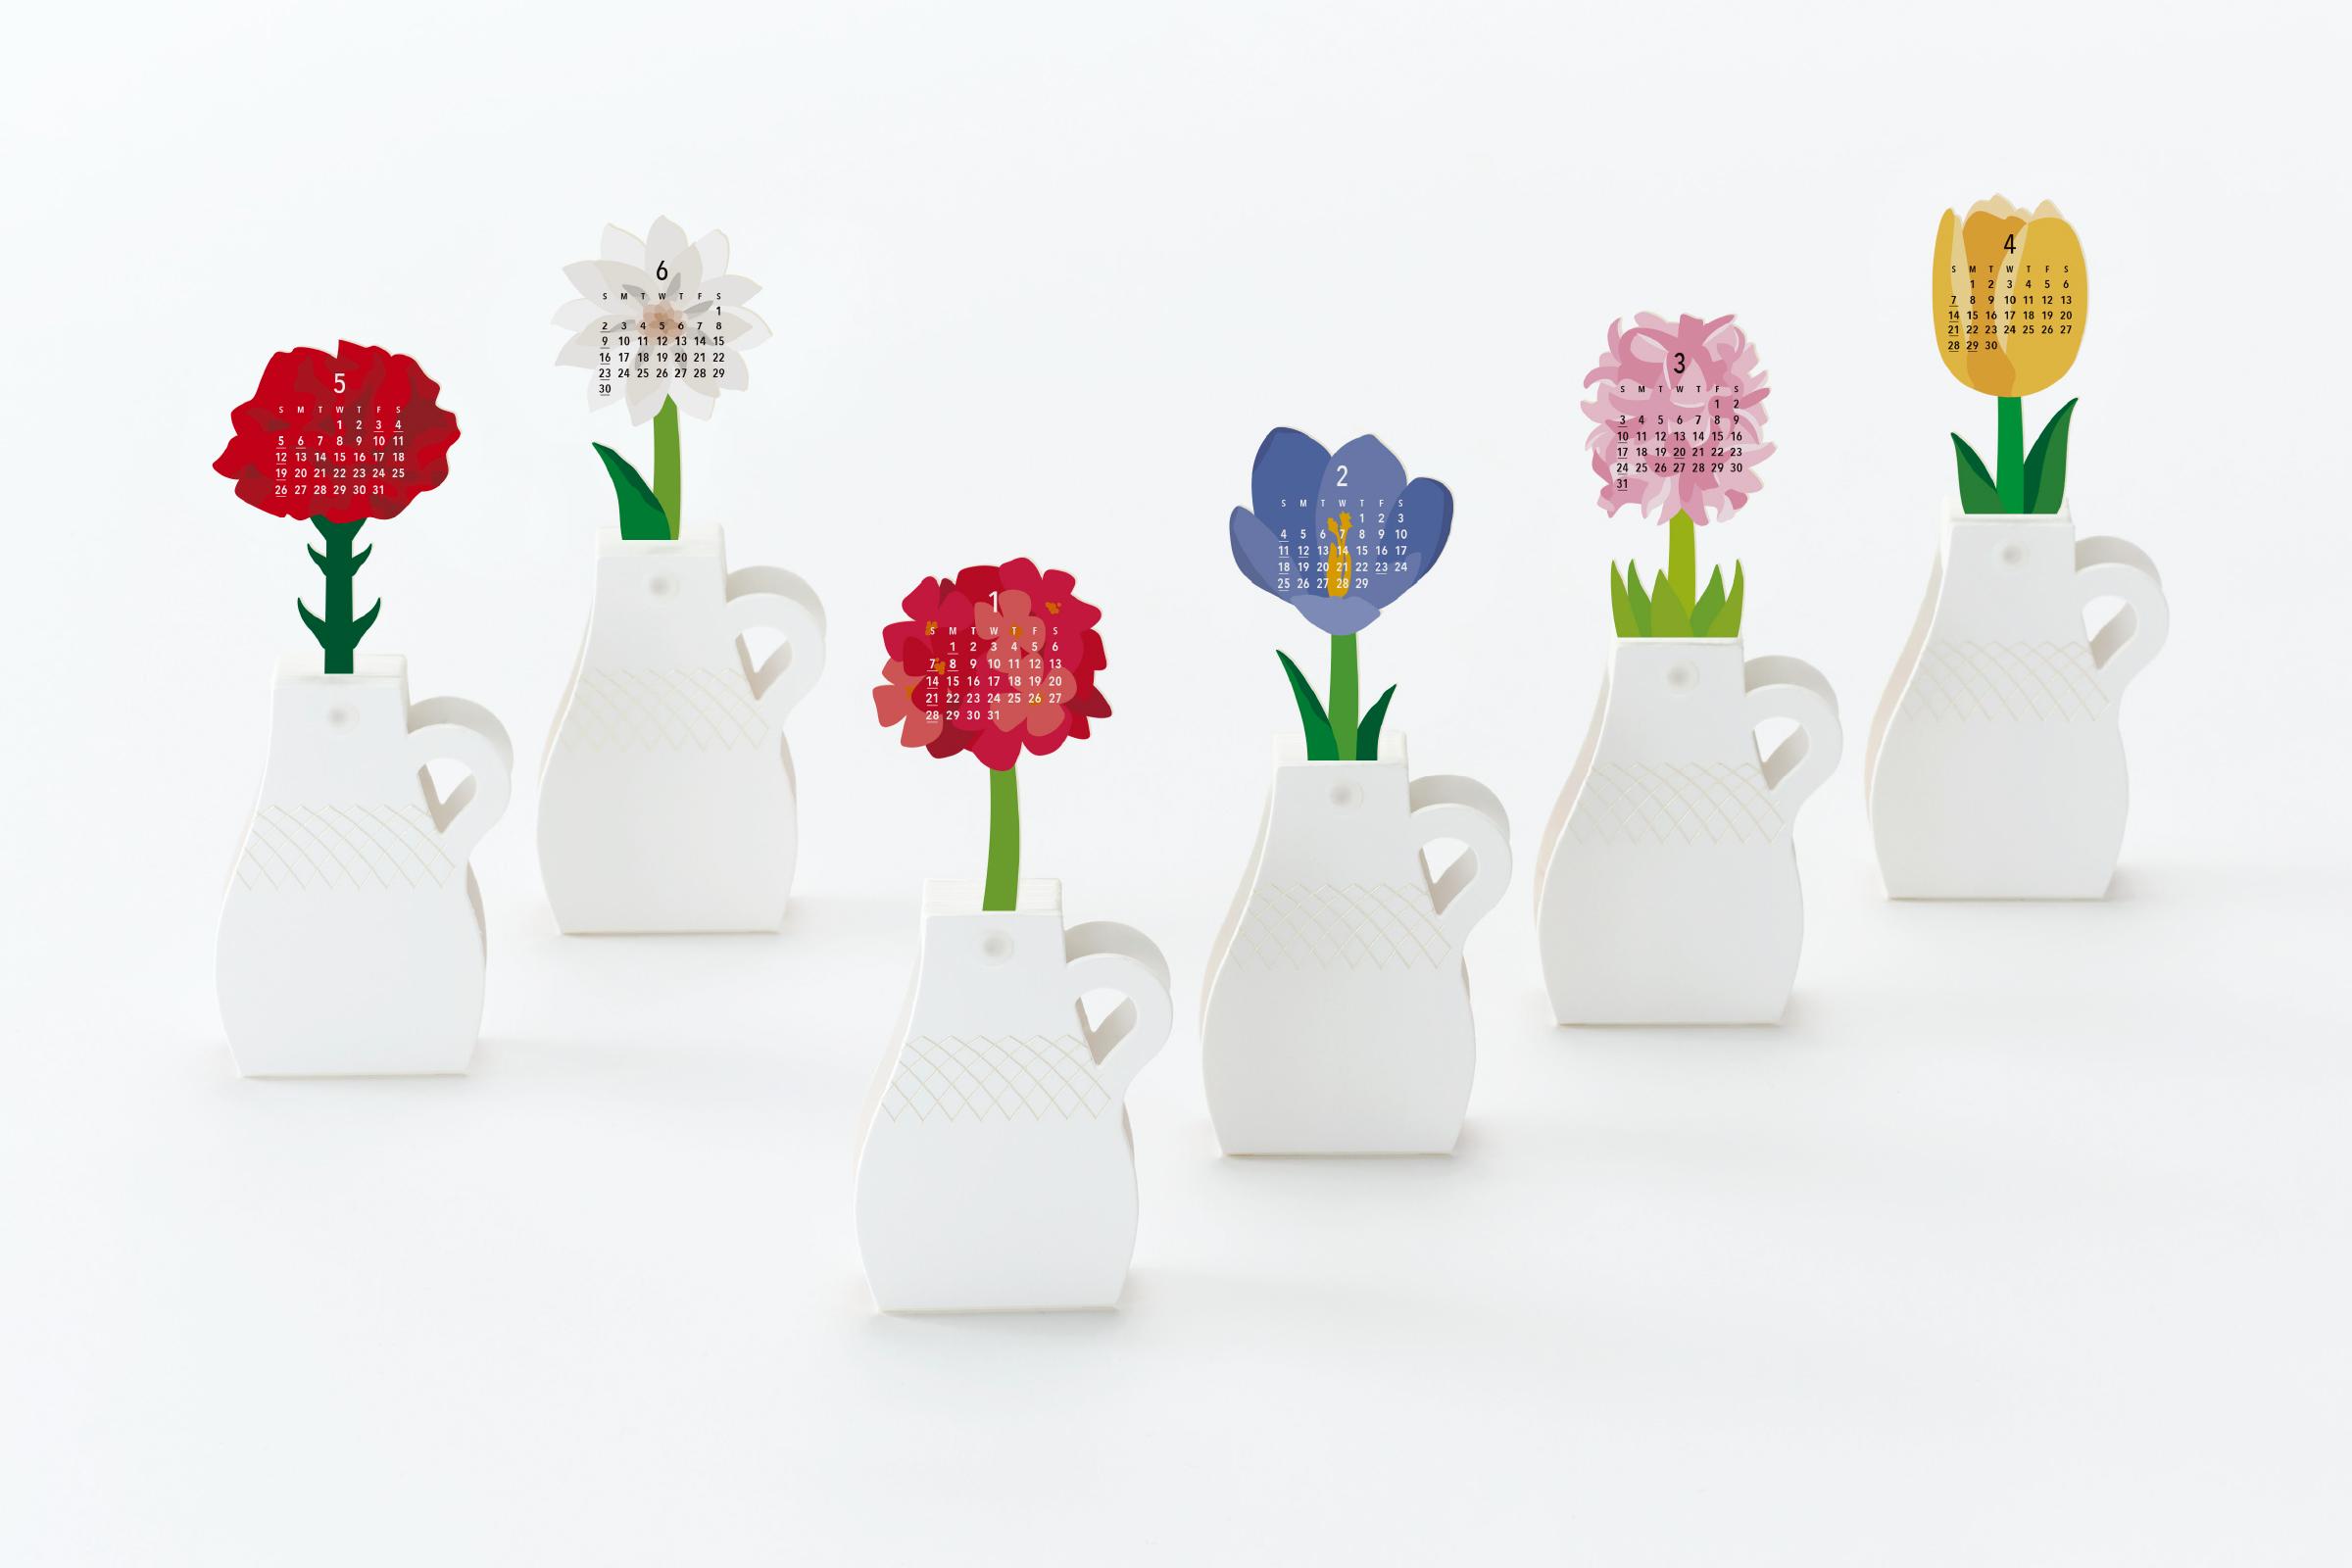 カレンダー flowers good morning inc 株式会社グッドモーニング